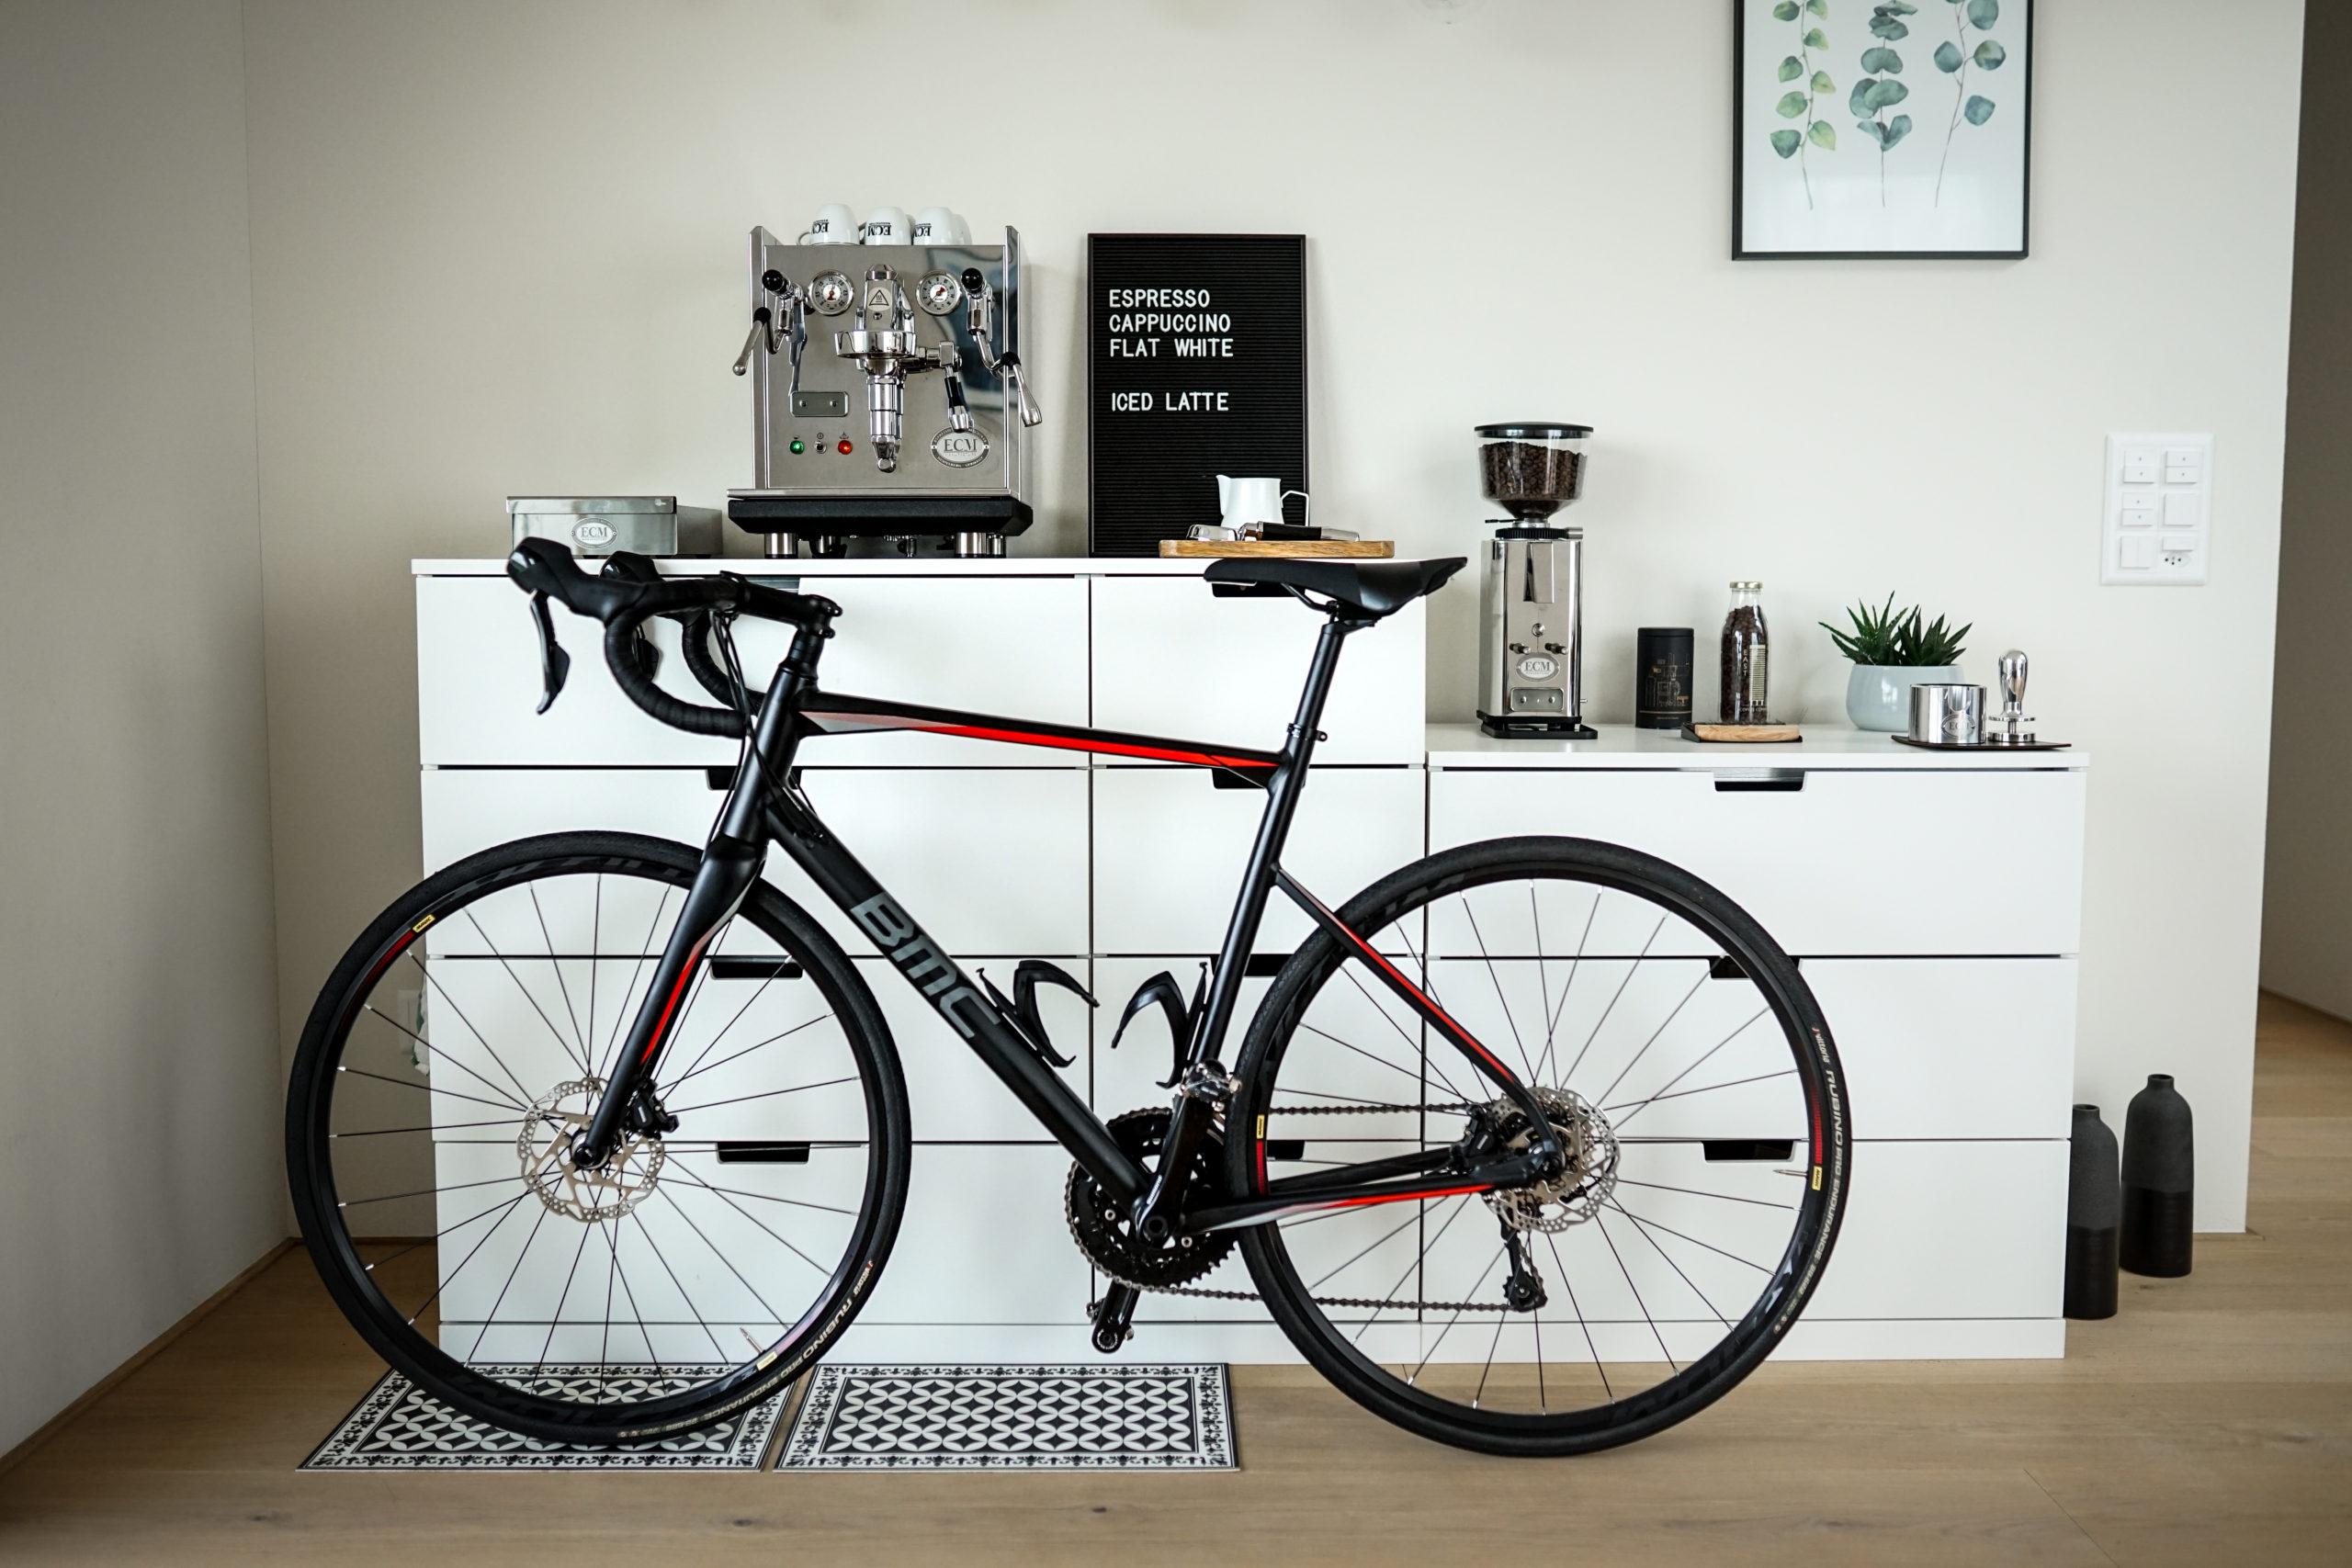 Rennvelo das vor einer Kaffeemaschine steht